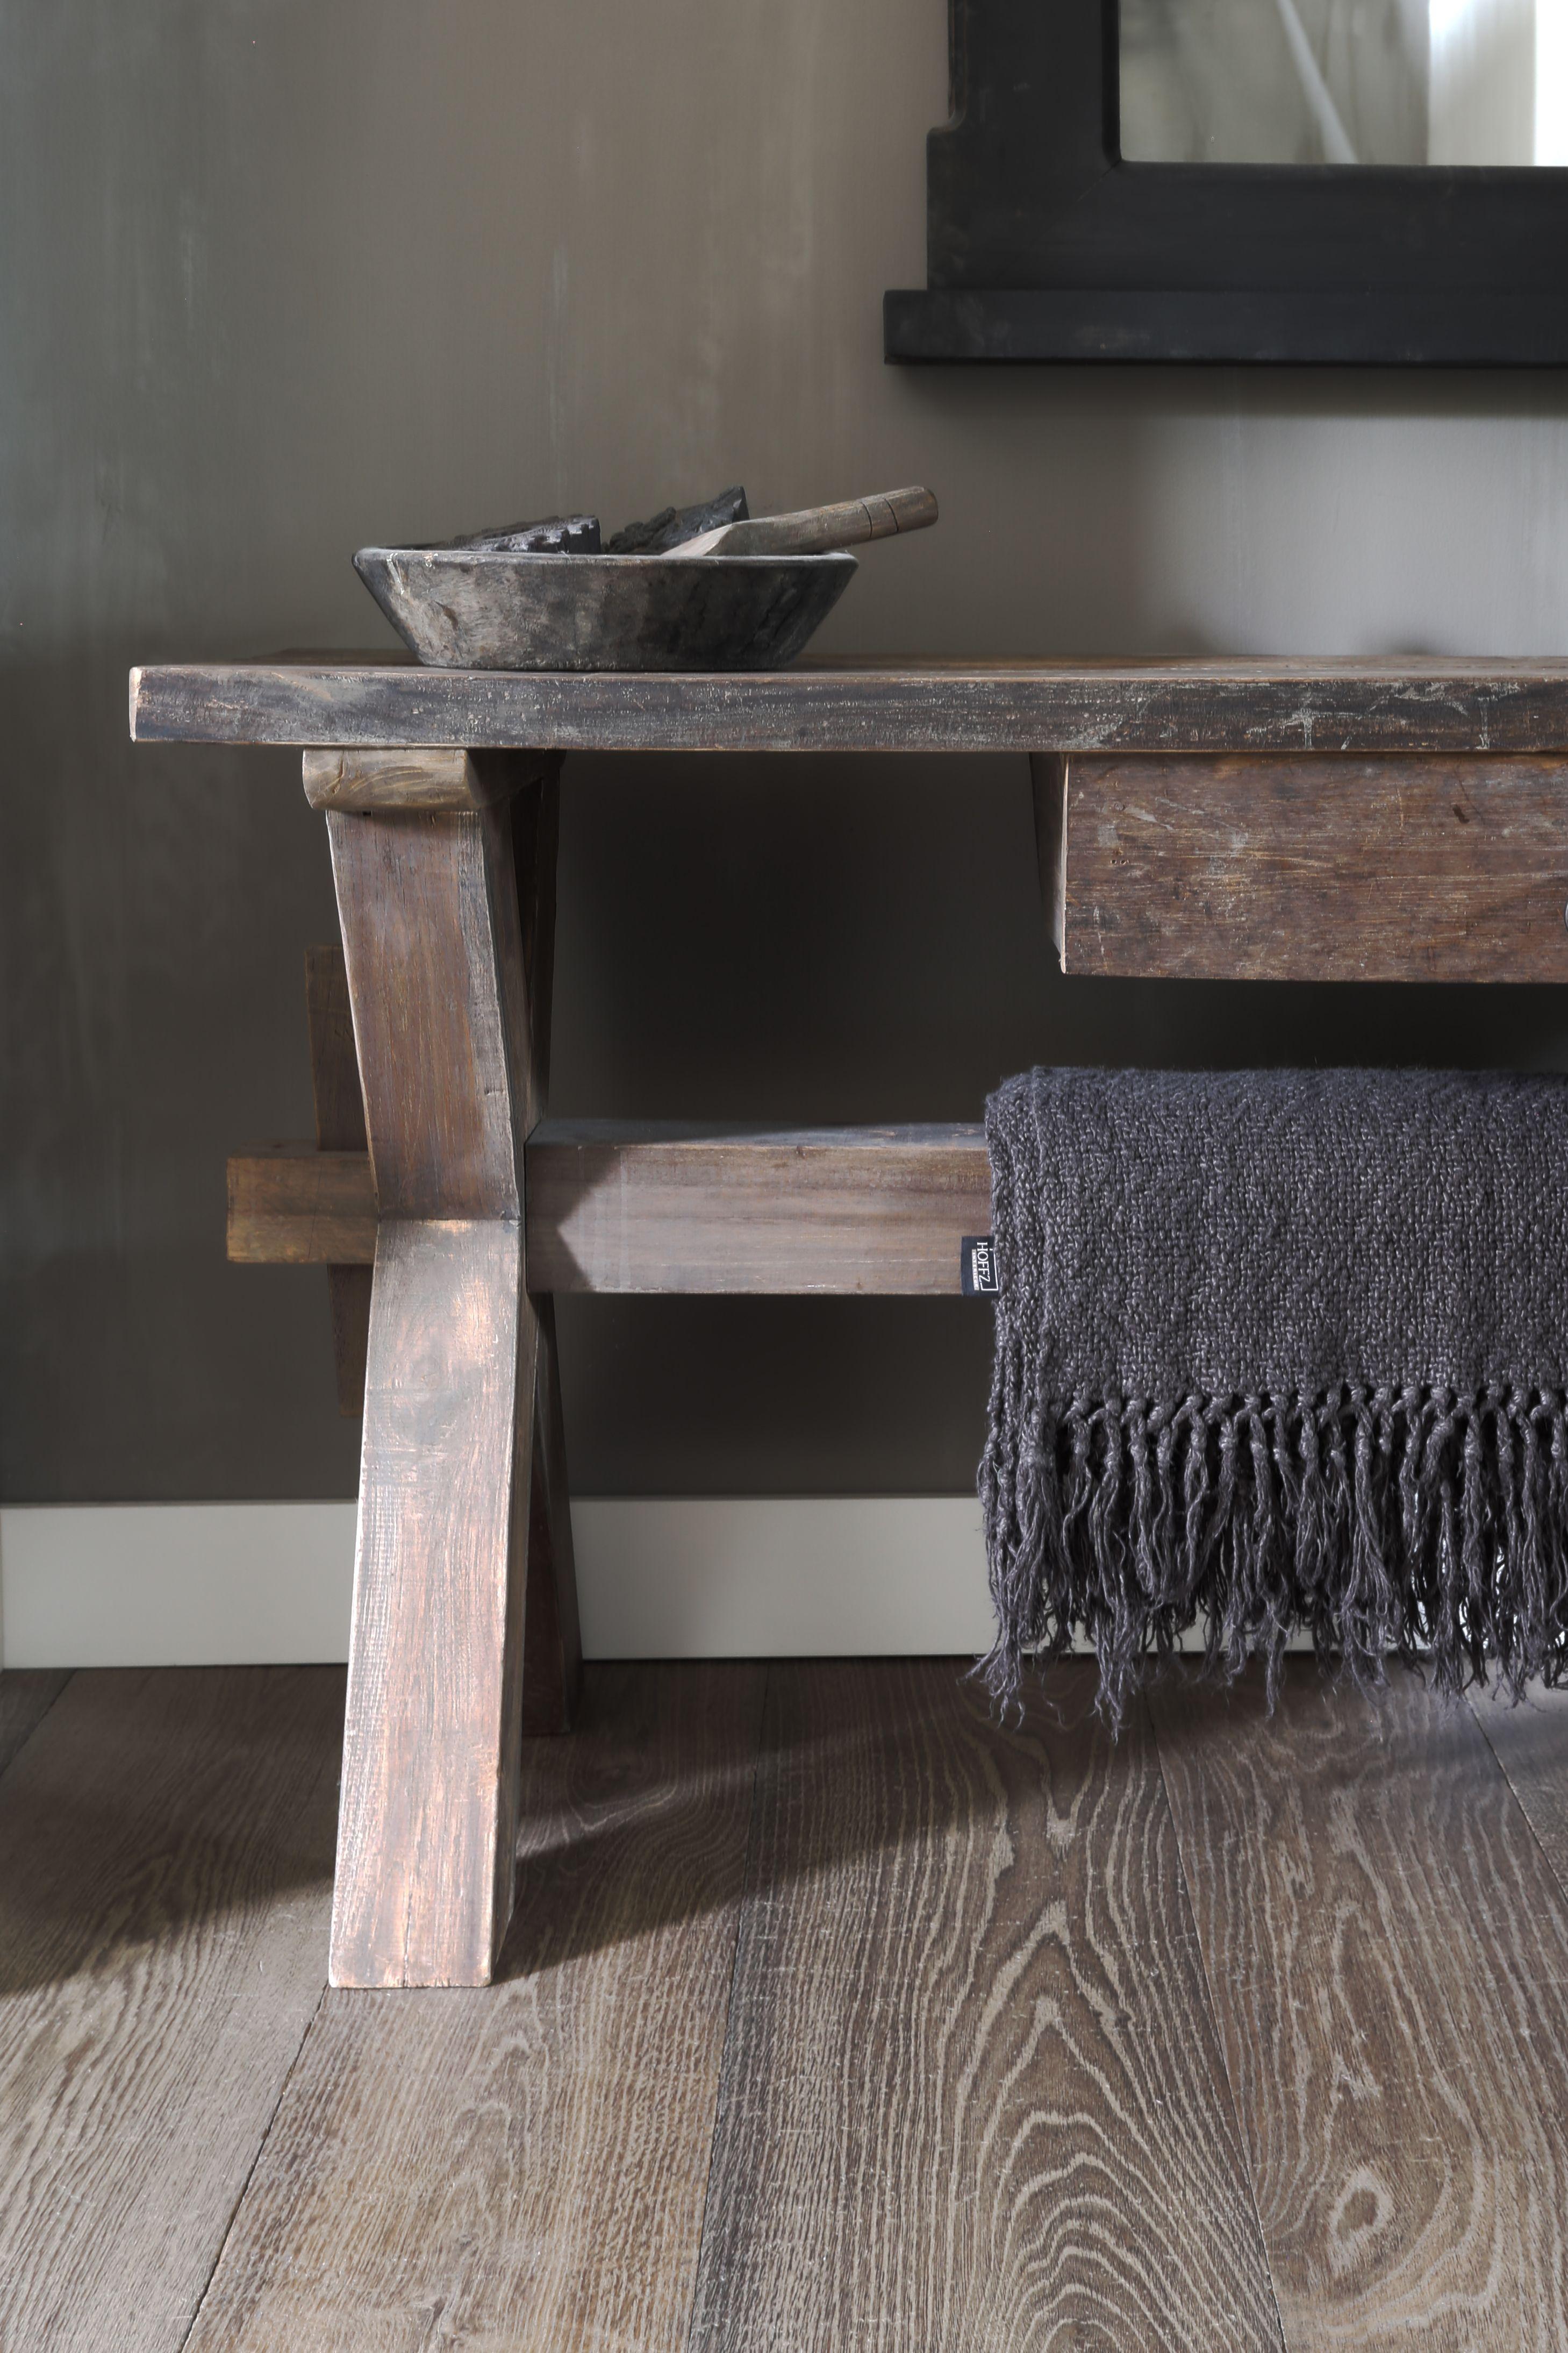 038bd484011187 Prachtige hoogwaardige kwaliteit oude houten planken! Houten vloeren geven  een zeer sfeervolle uitstraling aan uw